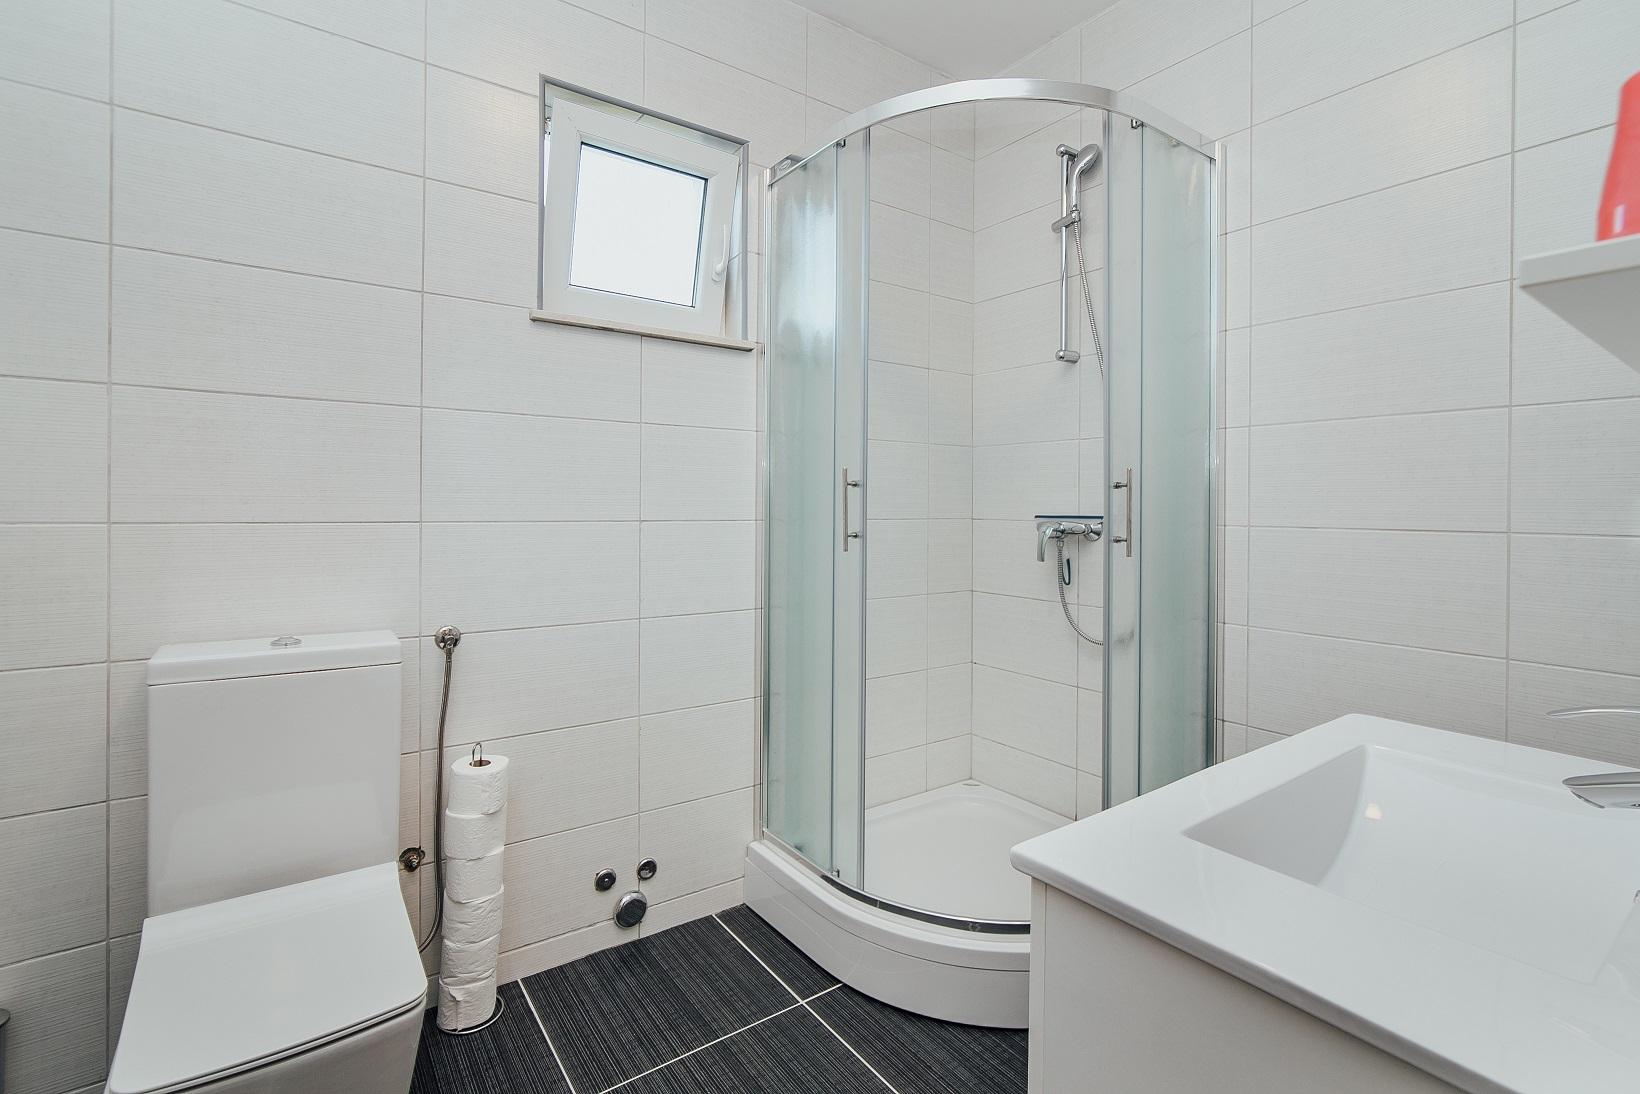 badkamer met douche, toilet, wastafel